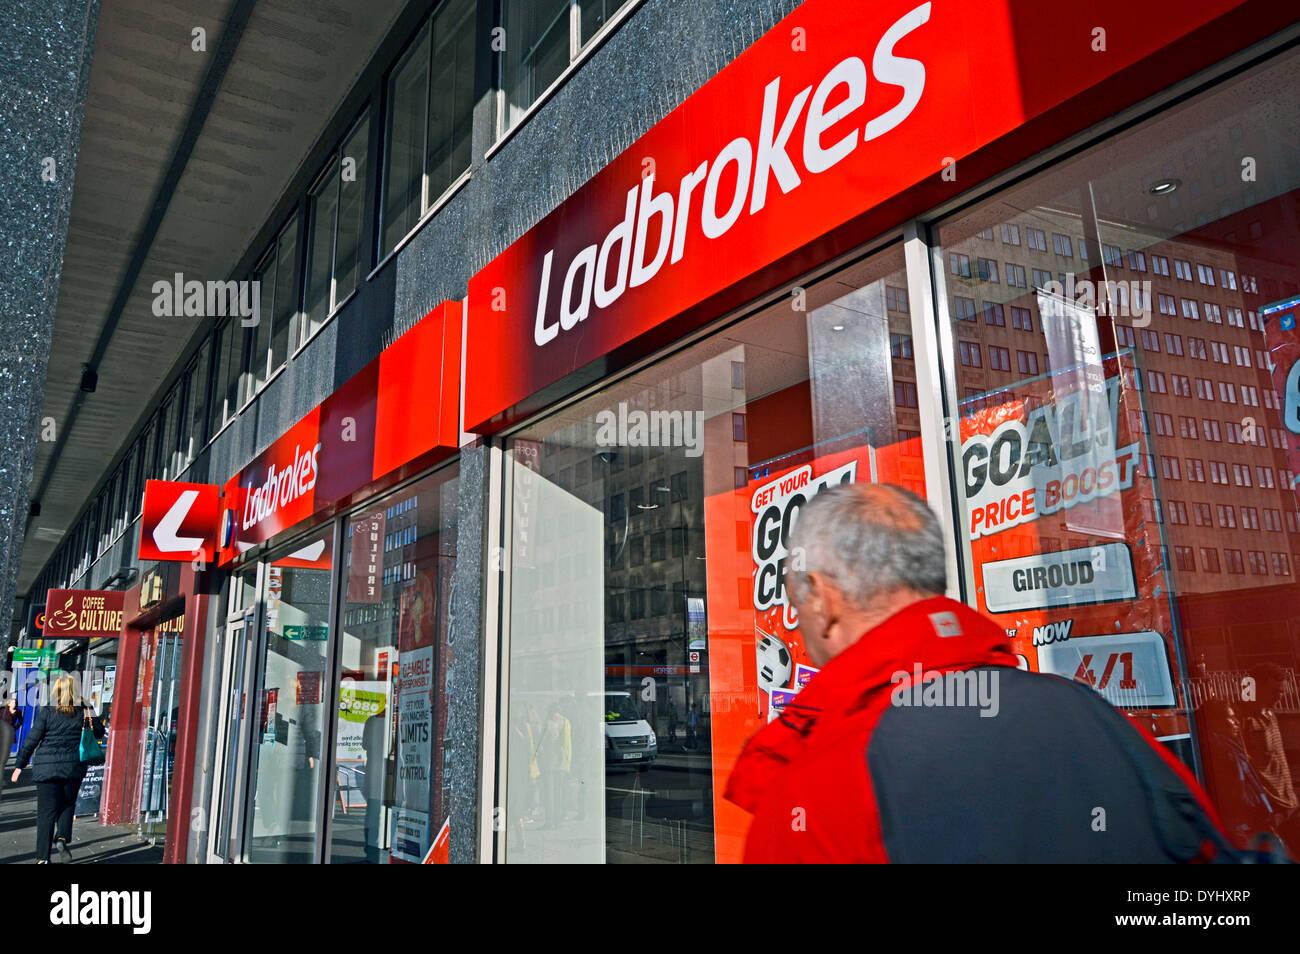 Ladbrokes York